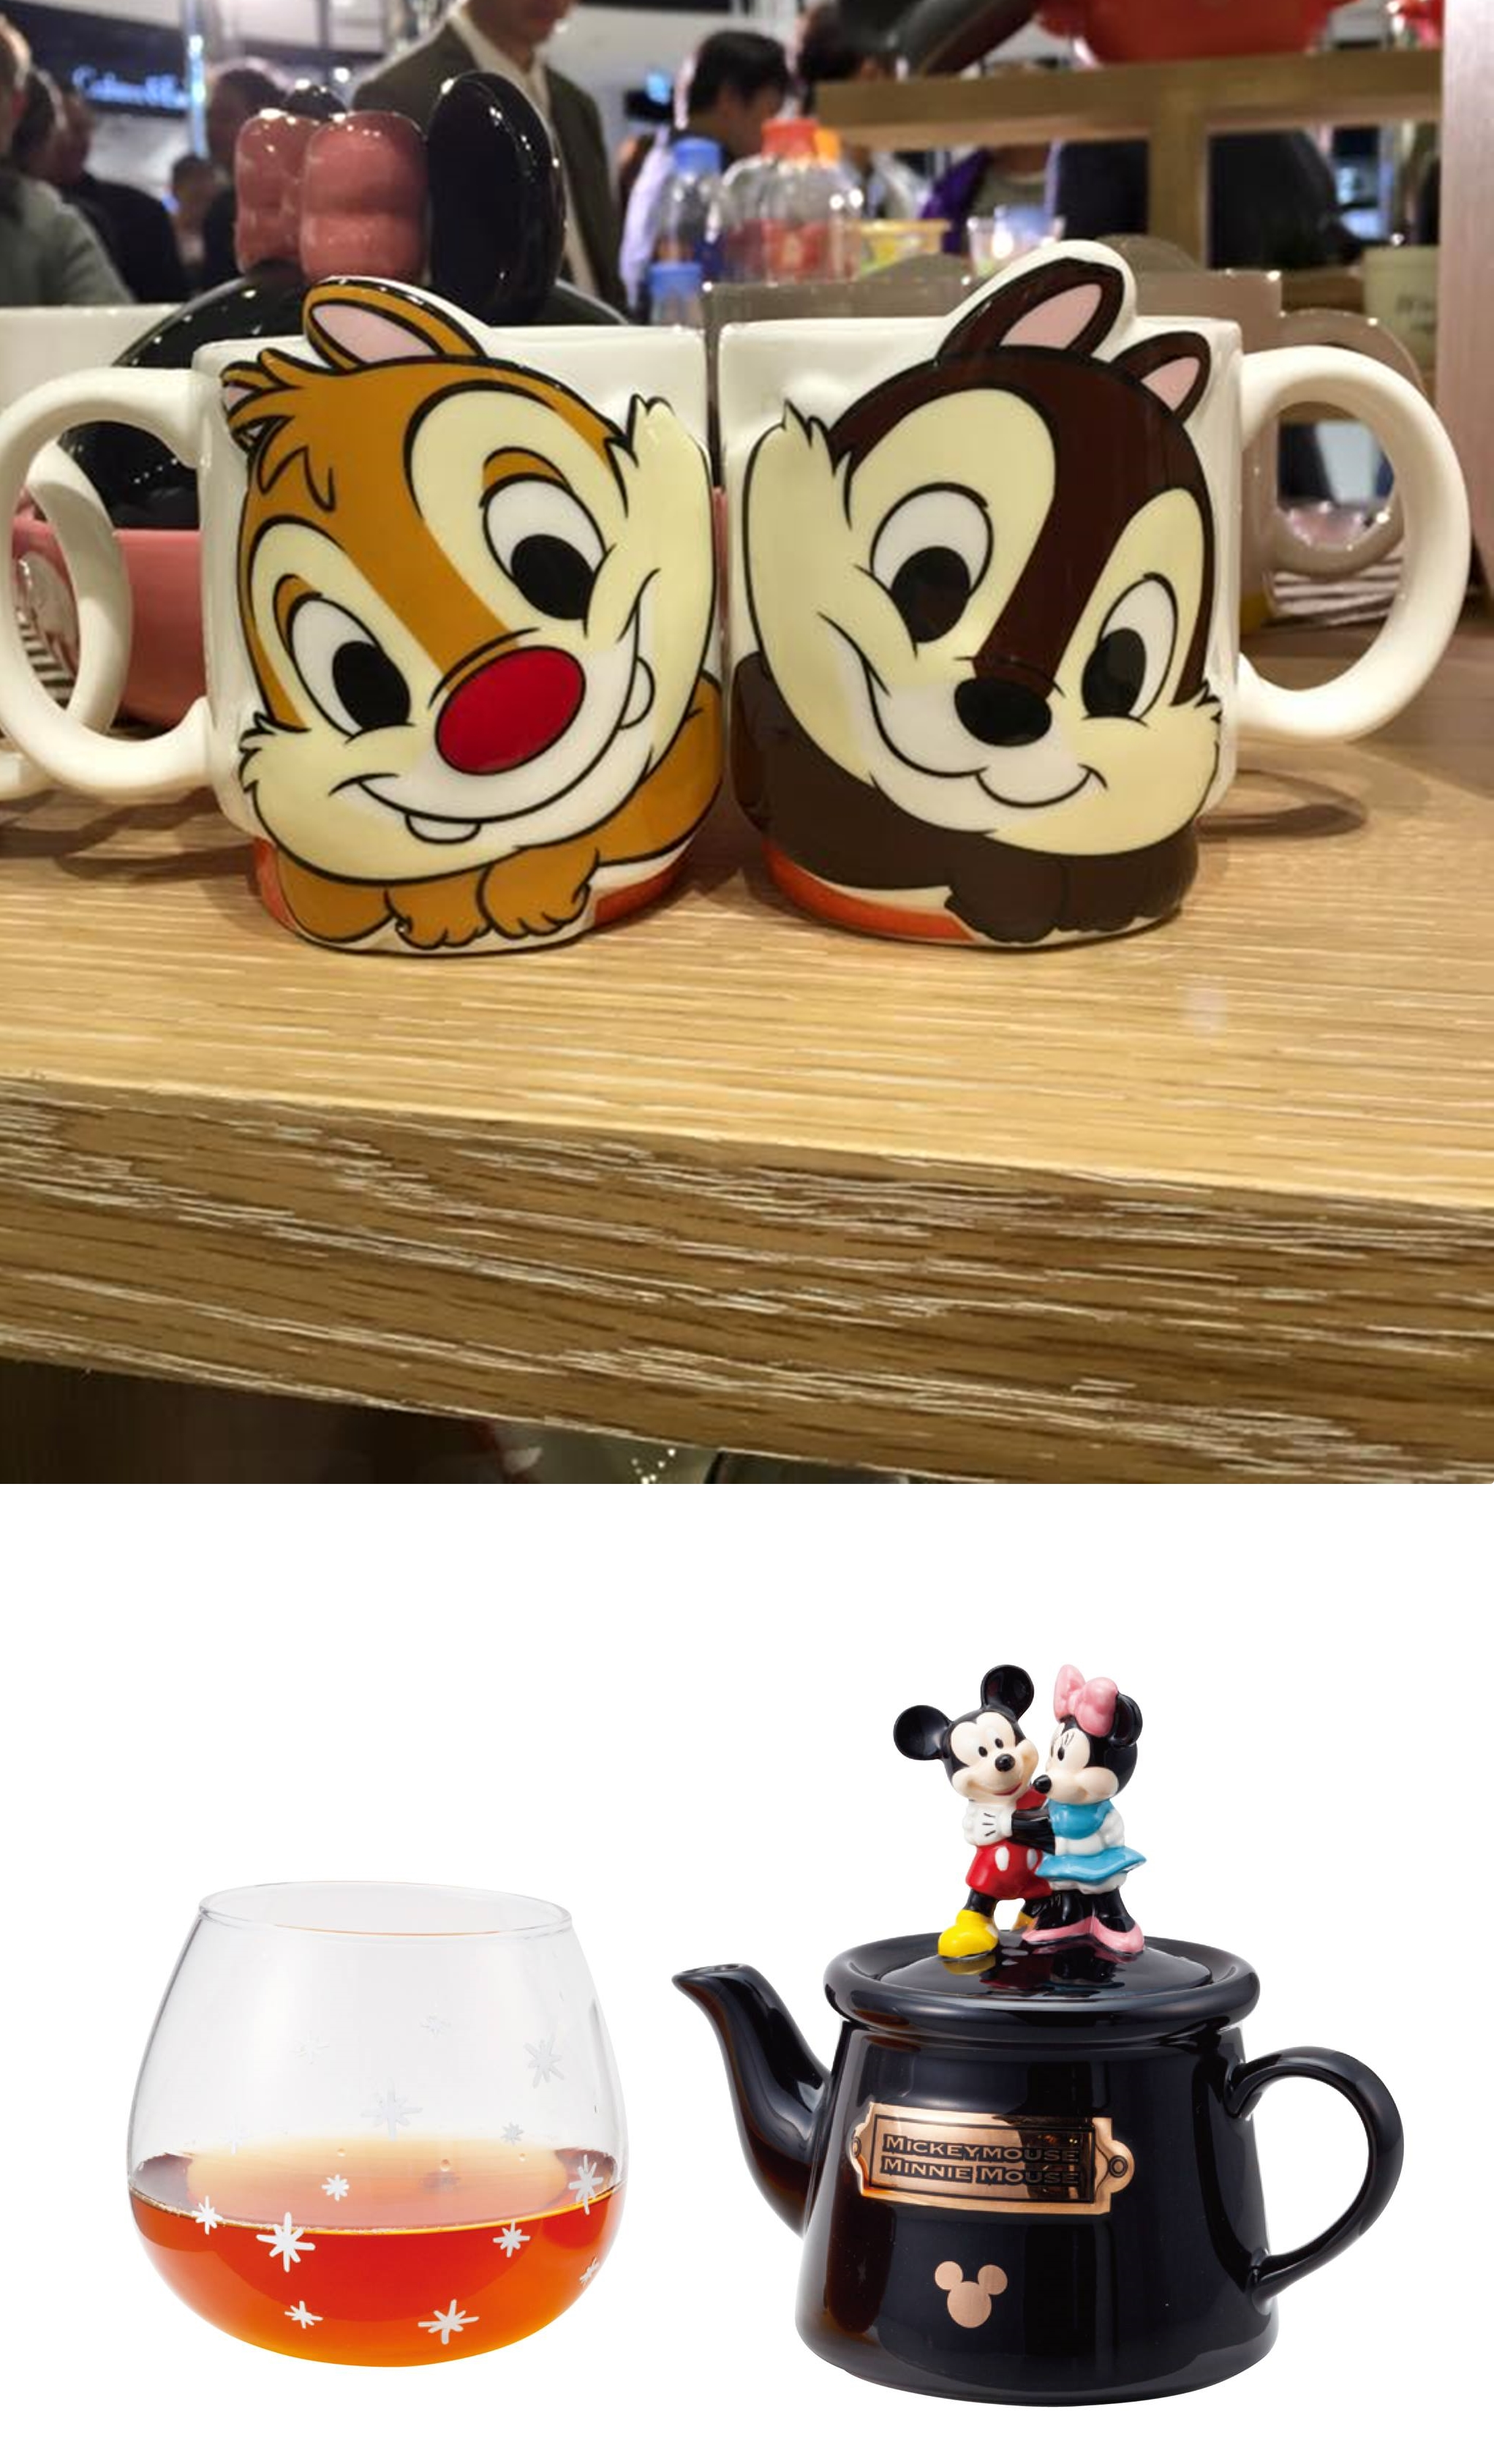 好多杯子茶具組都十分可愛!讓人好捨不得用喔~